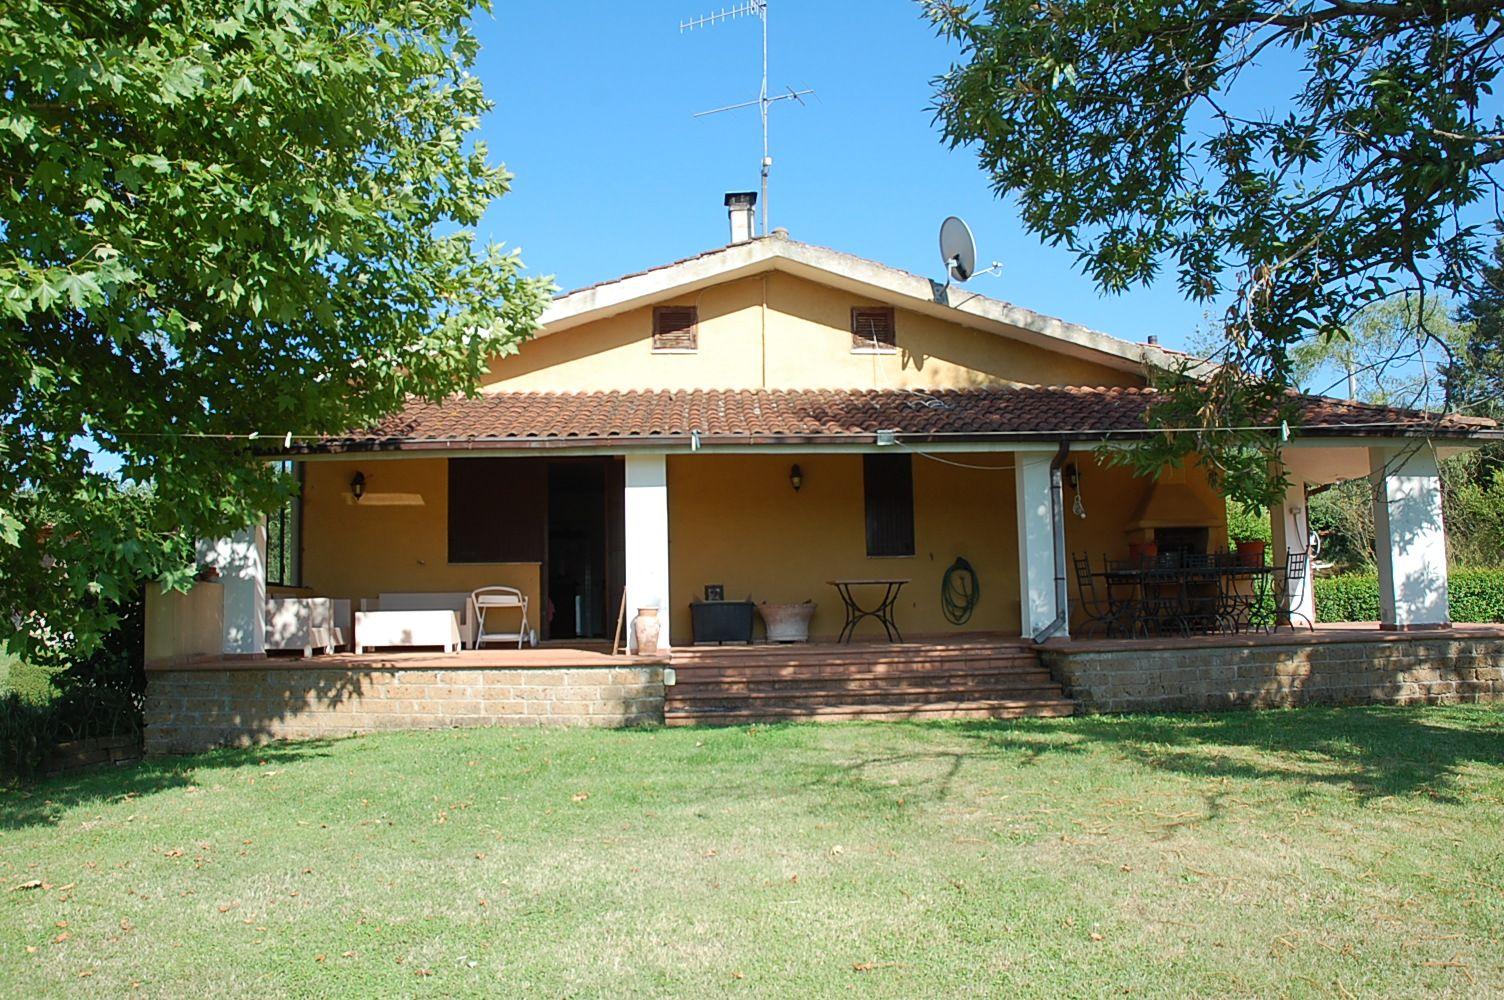 Capranica villa di campagna panoramica capranica cva453 for Cottage di campagna francese in vendita